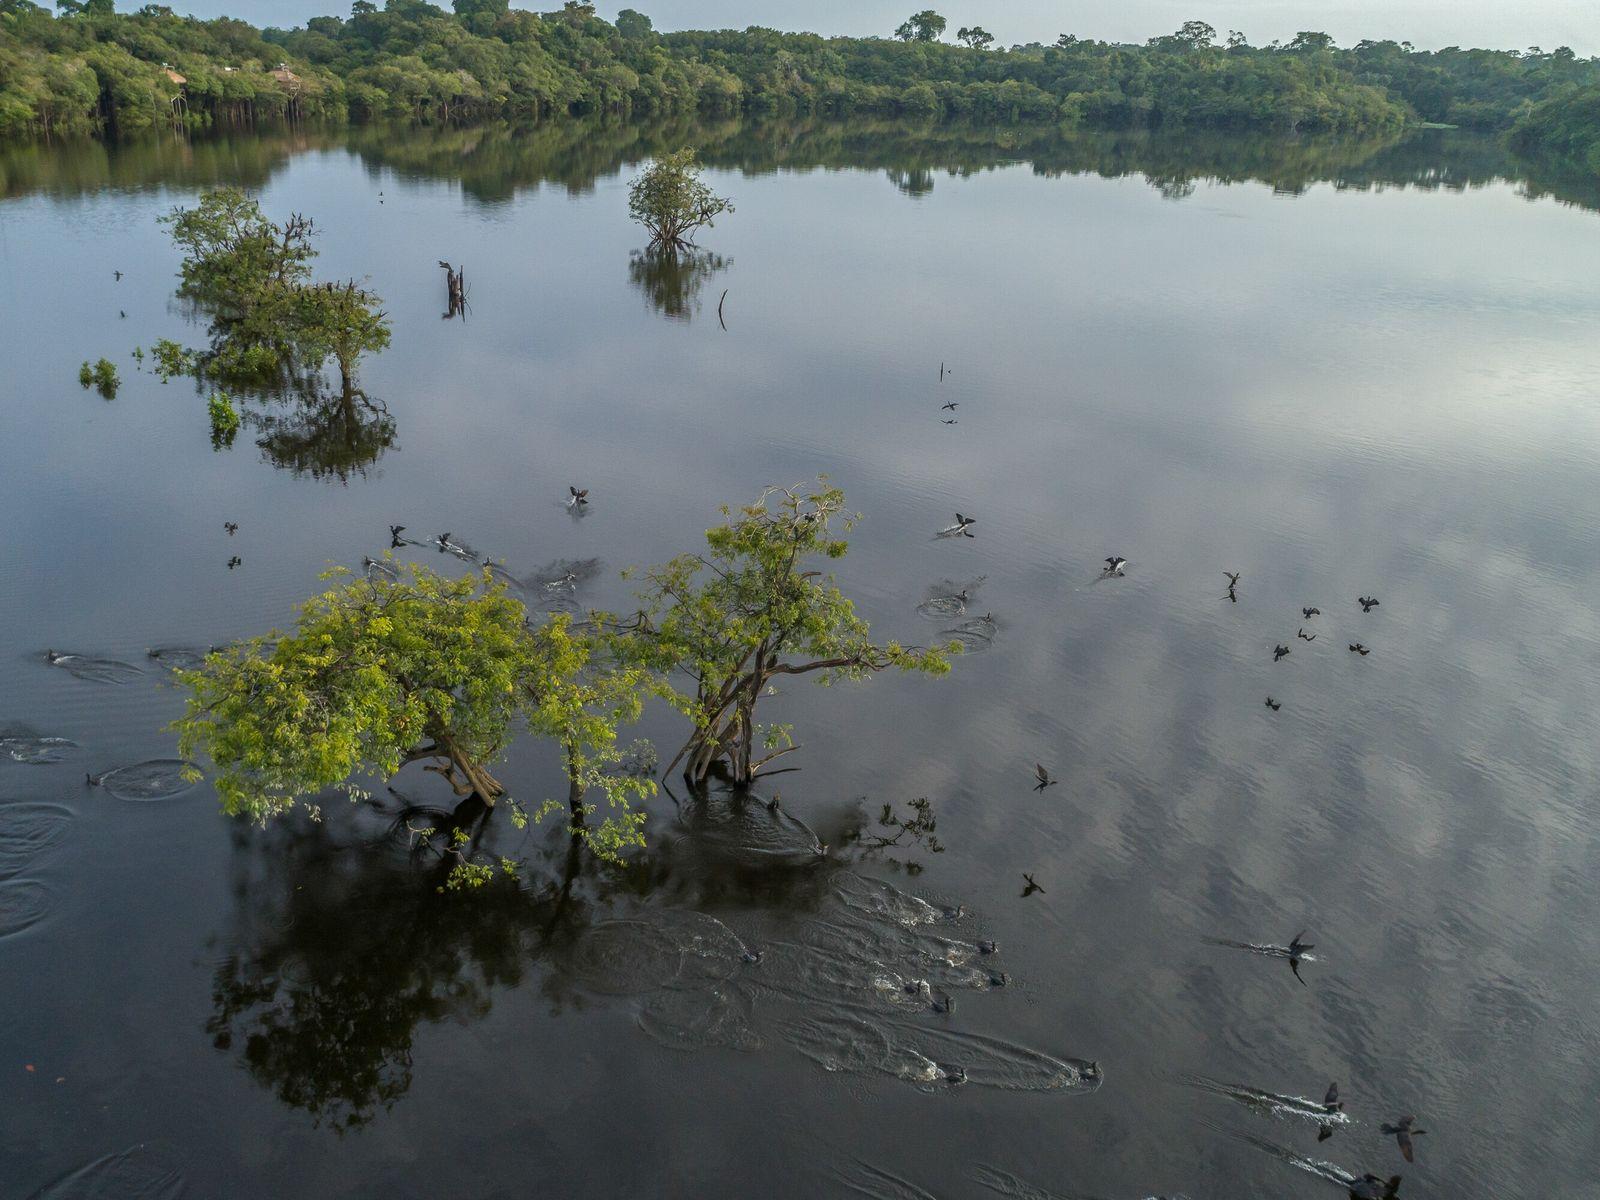 La vegetación del igapó adorna la región del río Juma, en el estado de Amazonas, Brasil. ...